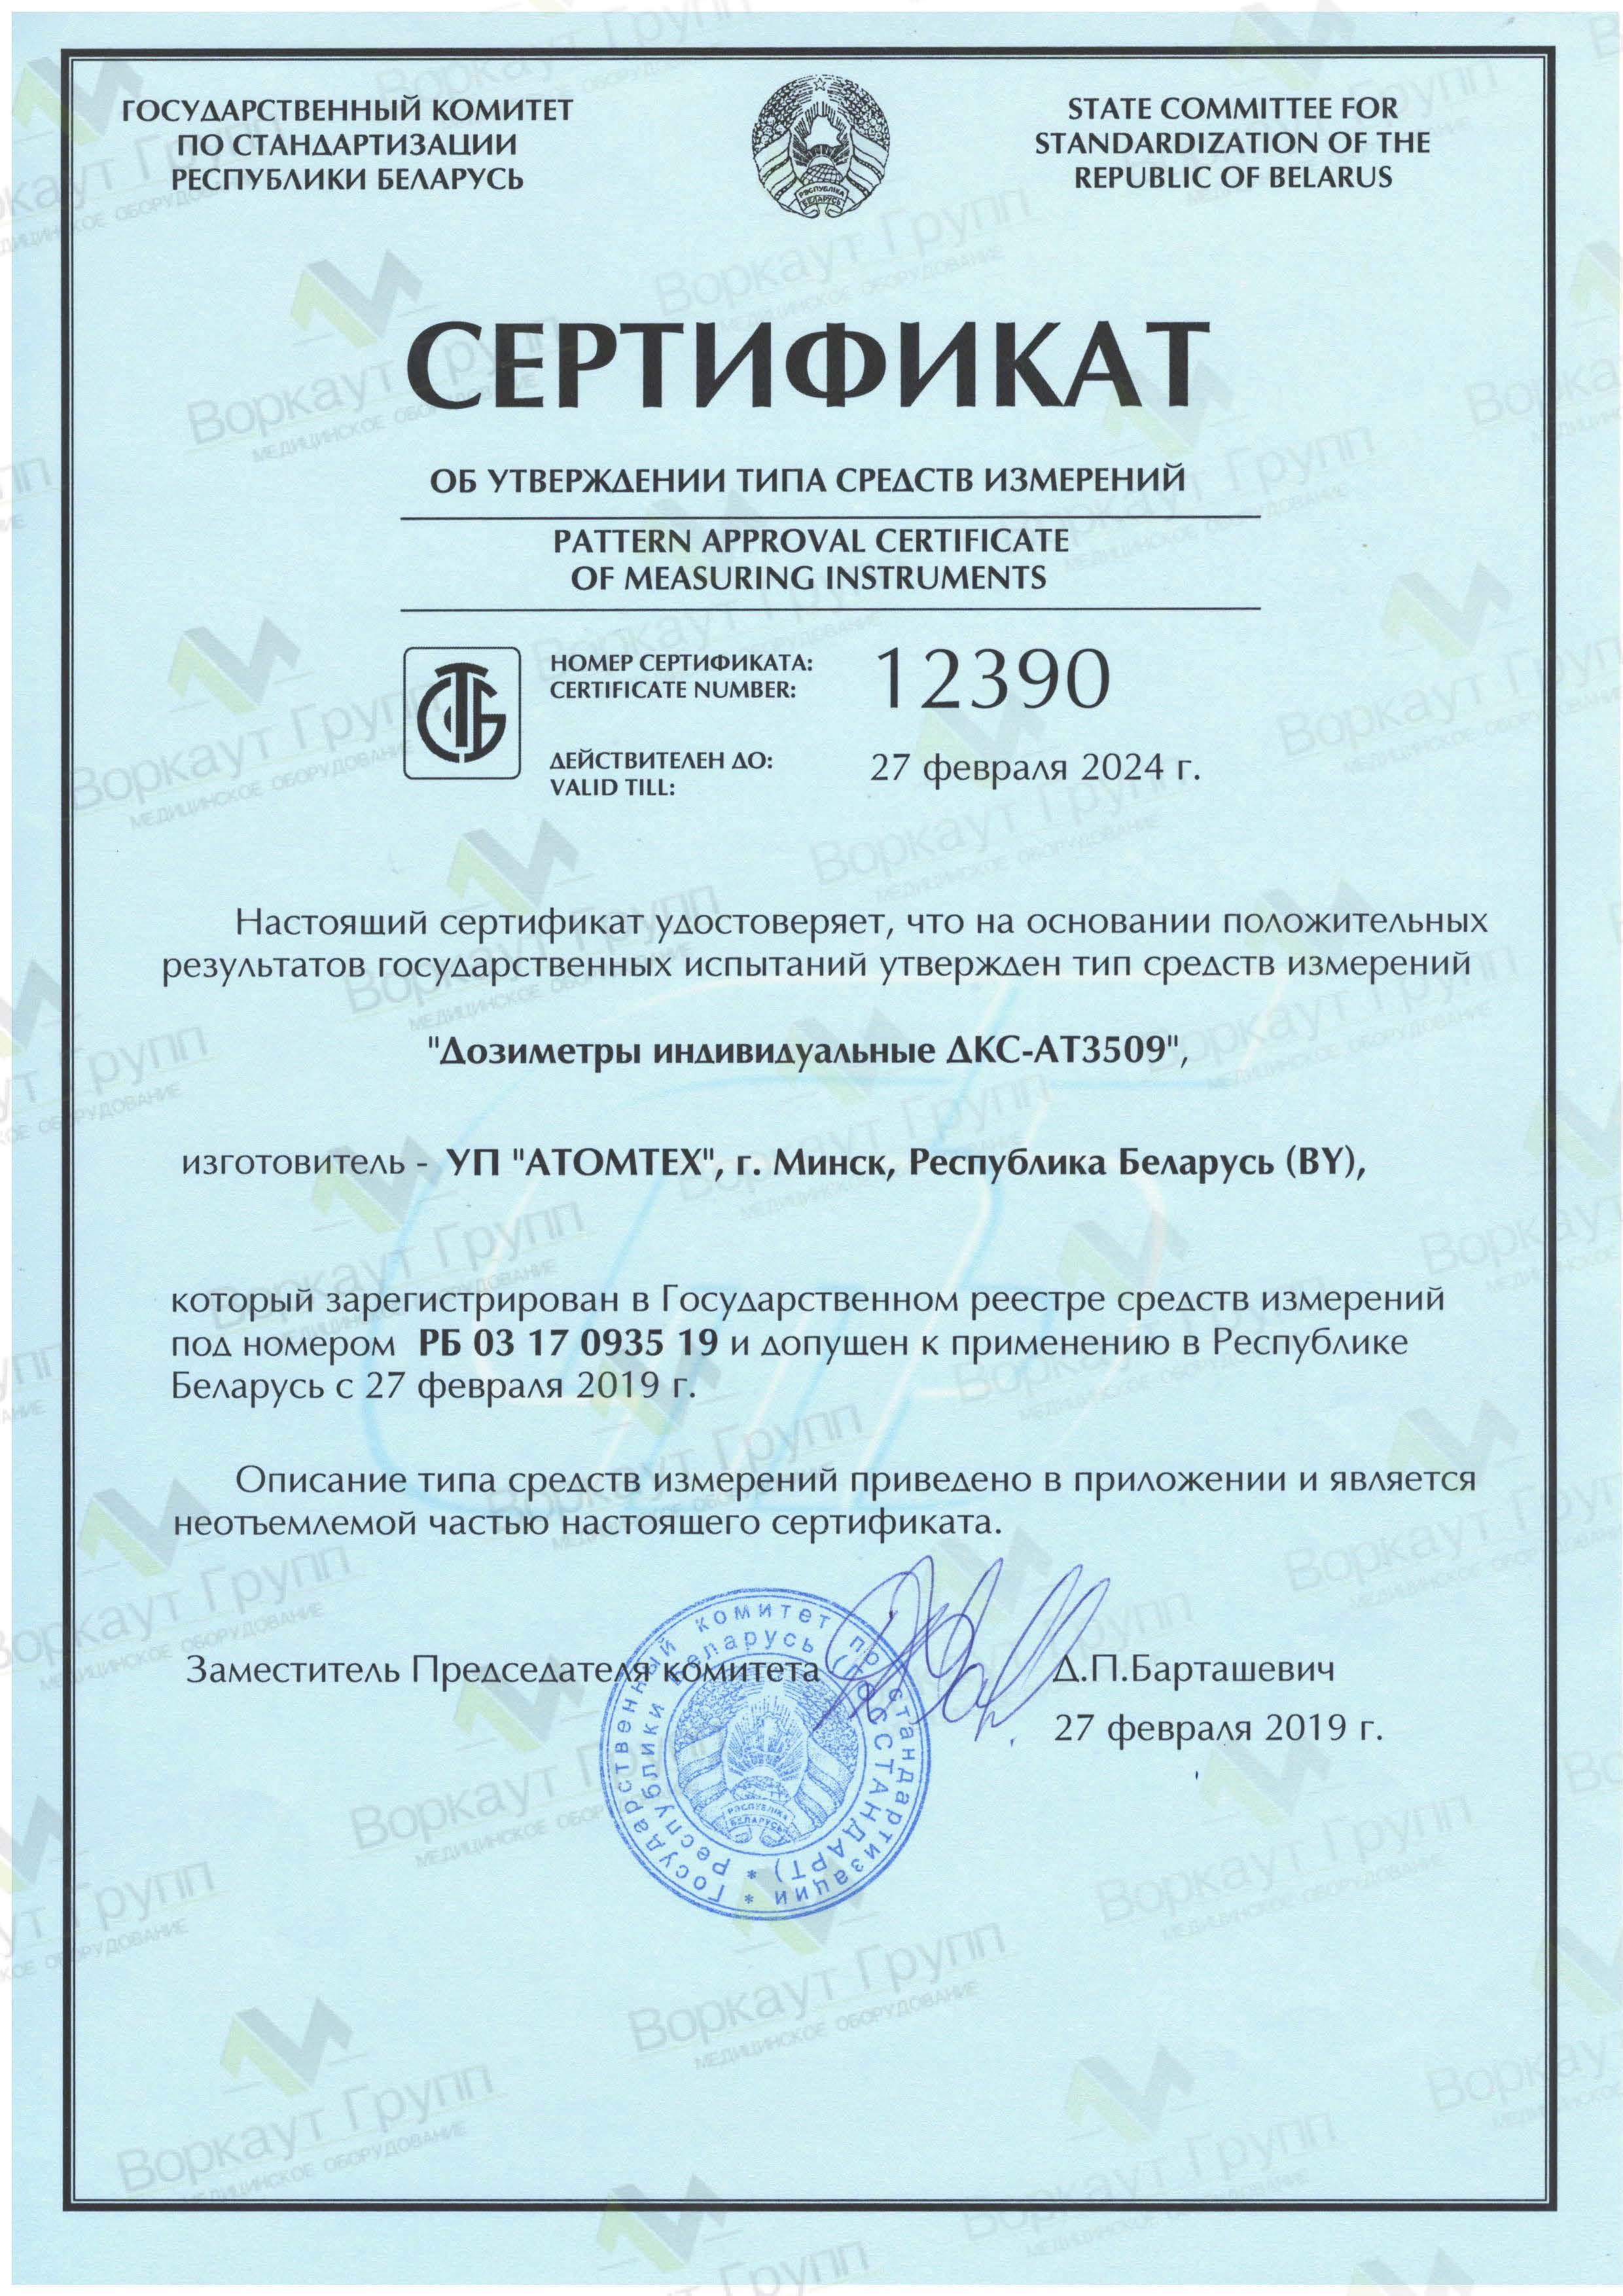 """Сертификат соответствия """"Дозиметра индивидуального ДКС-АТ3509"""""""